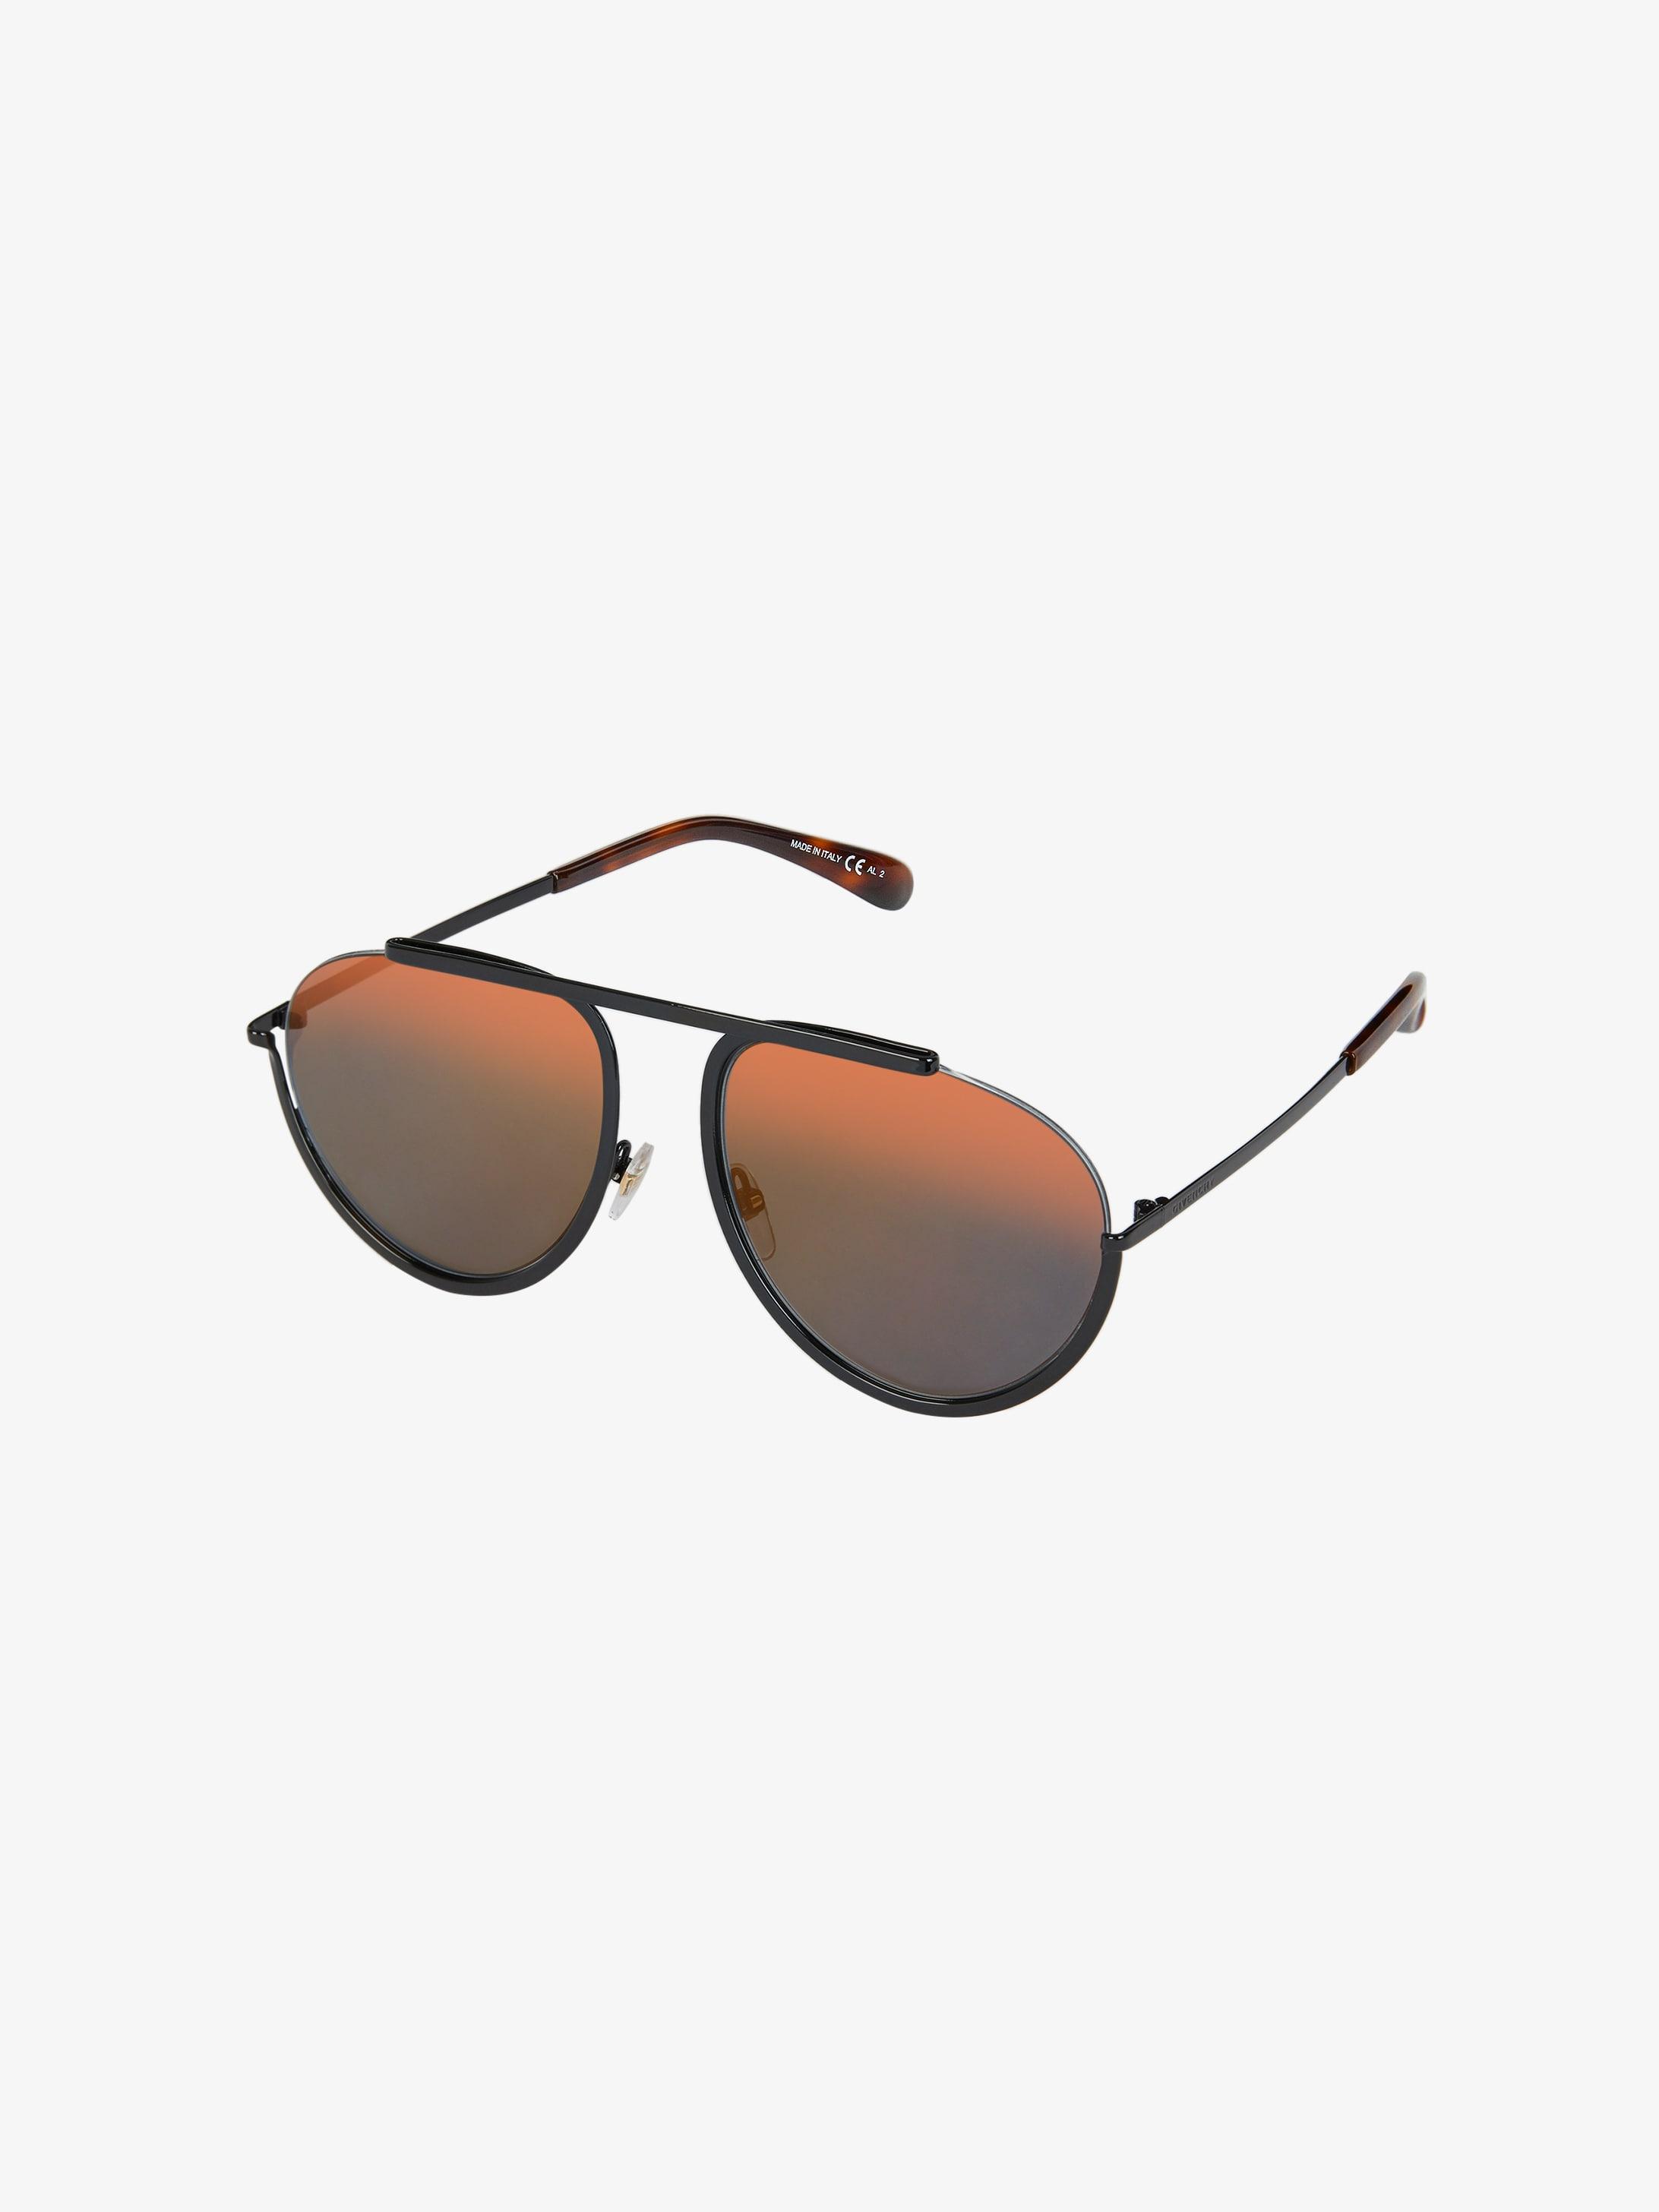 Pilote sunglasses